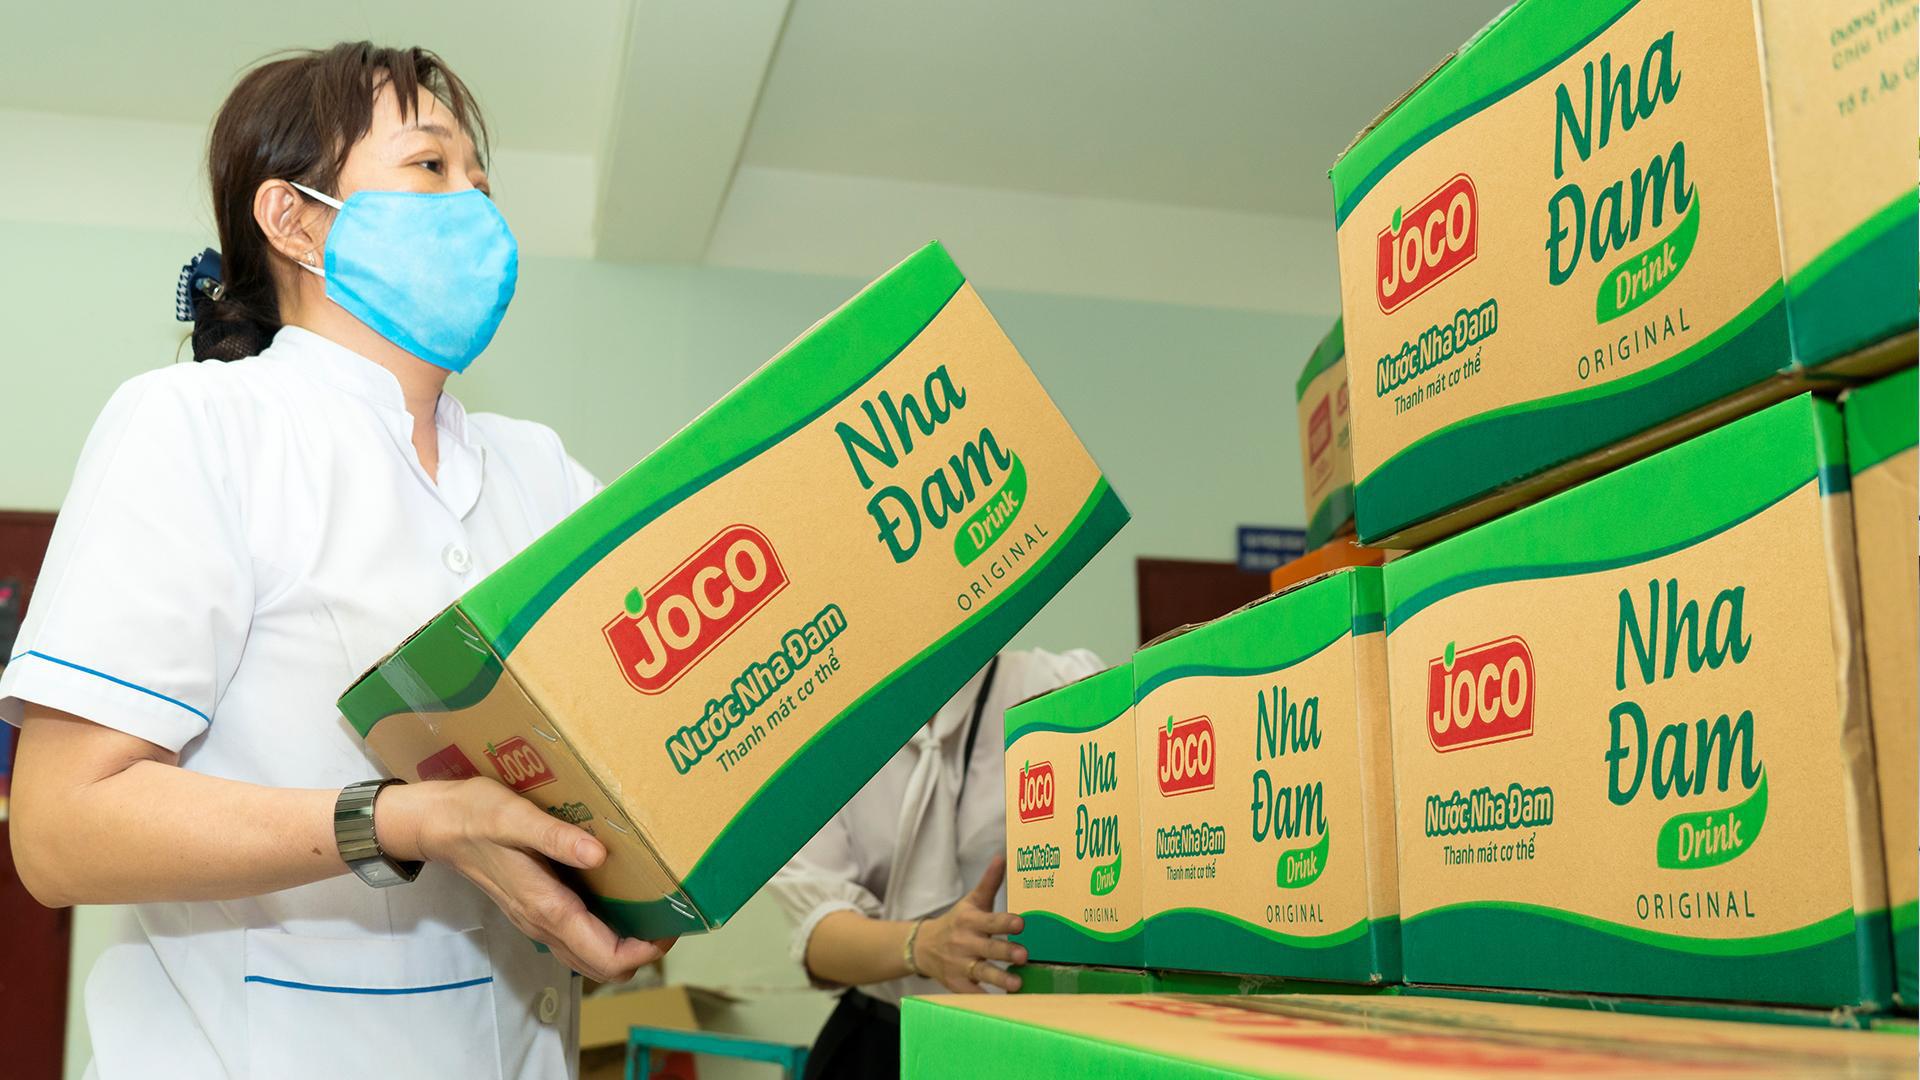 Uniben trao tặng 150.000 bữa ăn dinh dưỡng từ Mì 3 Miền và Nước trái cây Joco cho đội ngũ y bác sĩ các bệnh viện tuyến đầu - Ảnh 5.